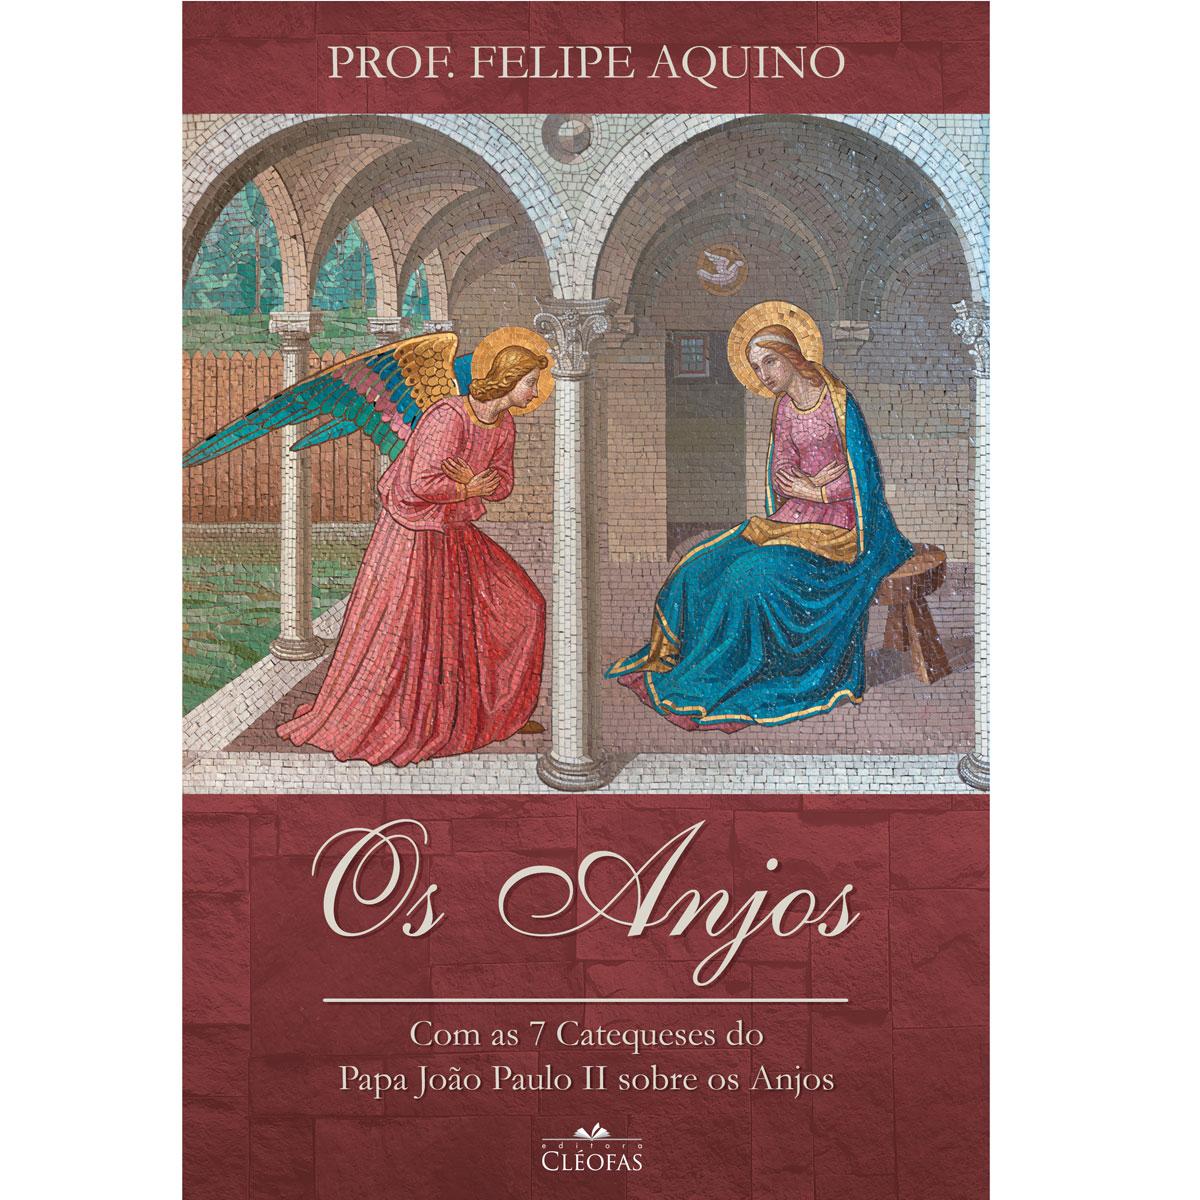 Livro Os Anjos - Professor Felipe Aquino